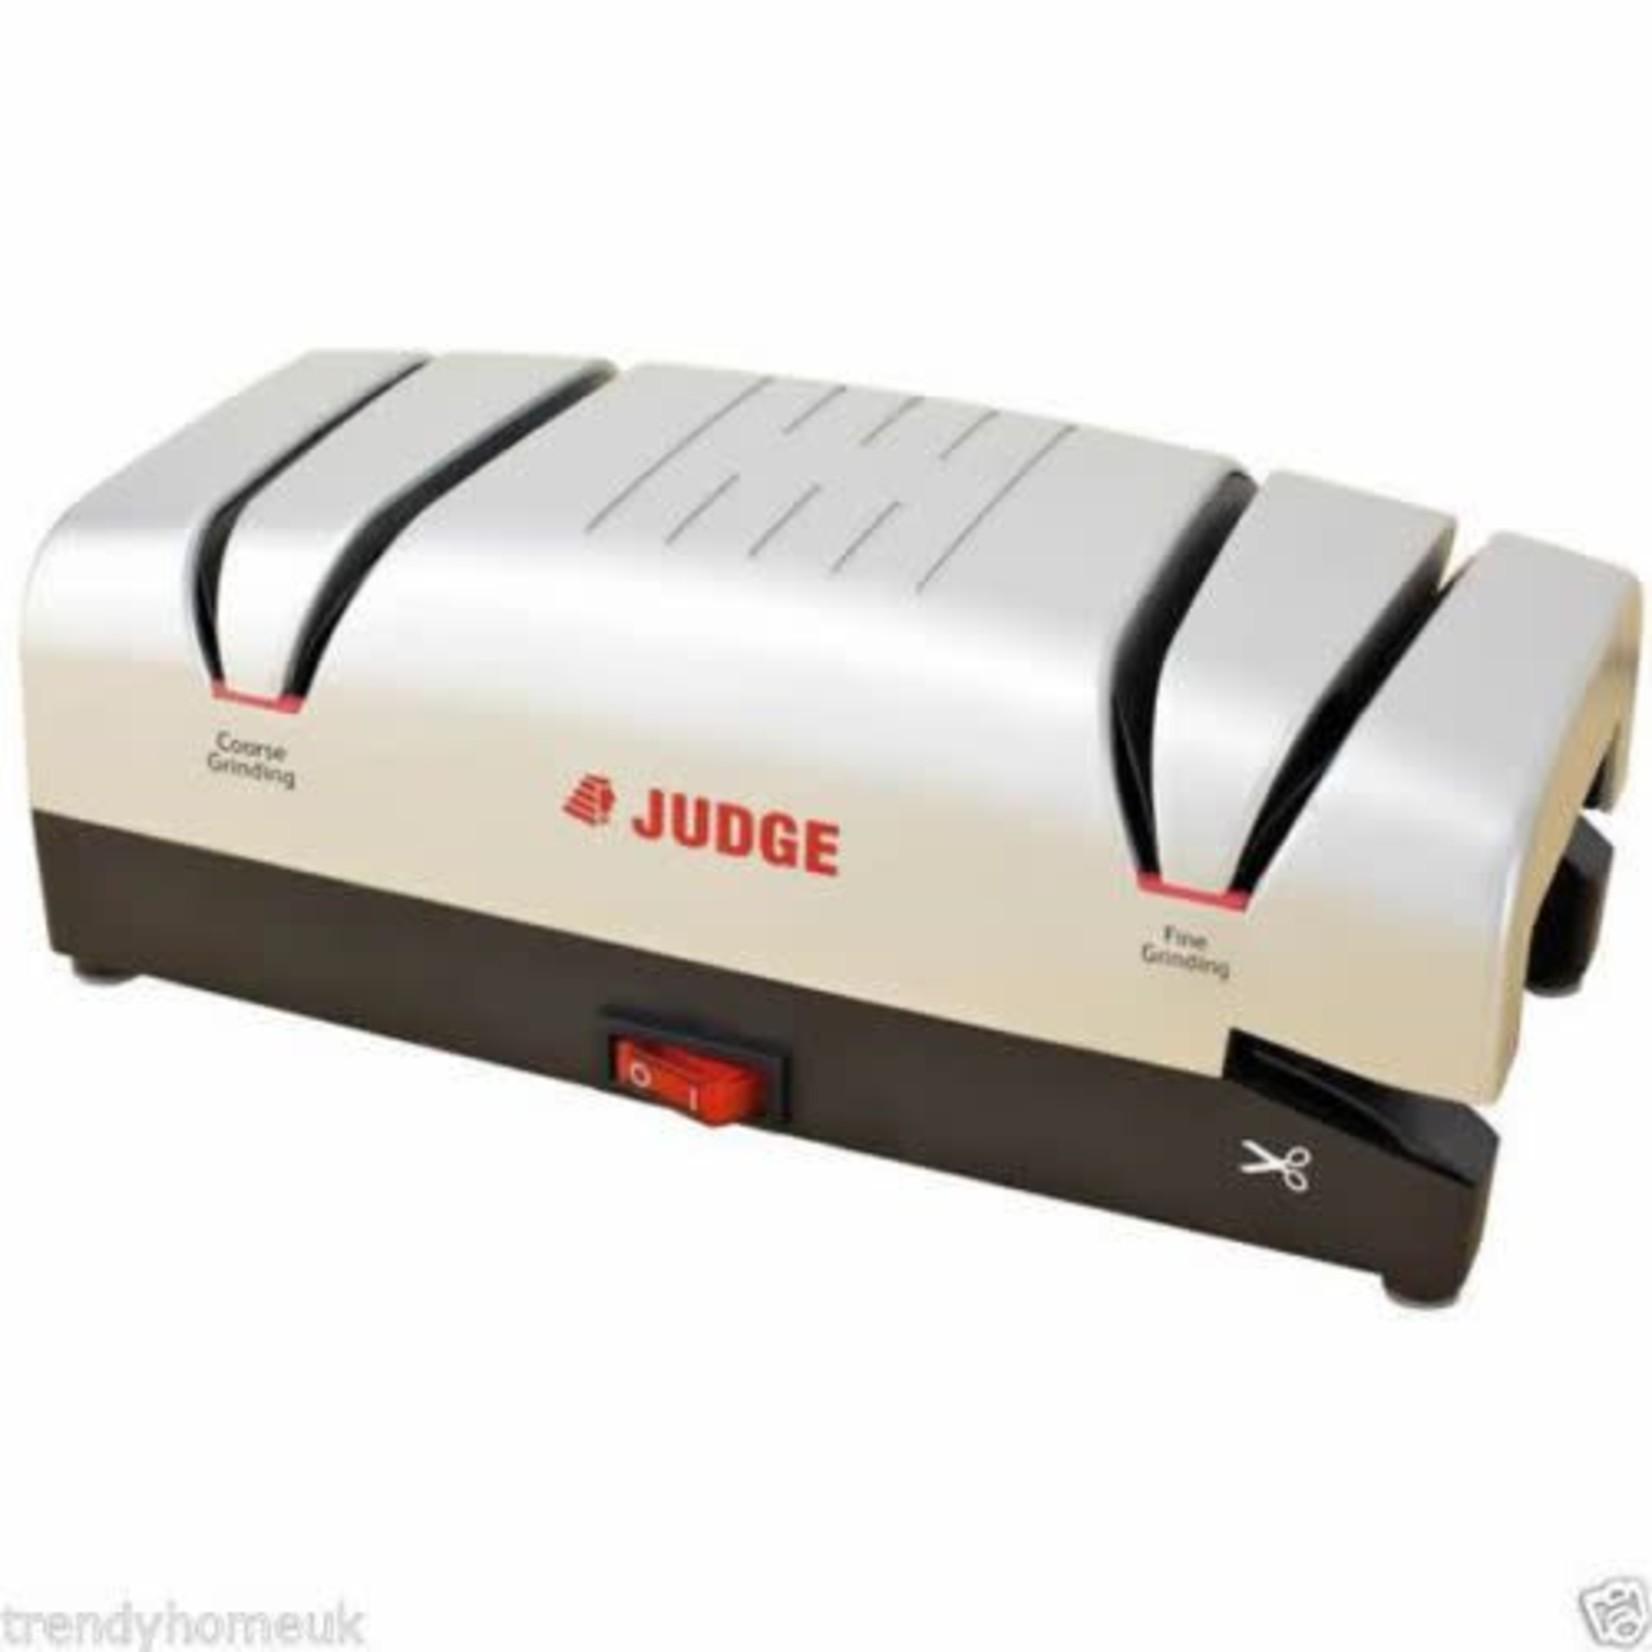 Judge JUDGE KNIFE HORNER & SHARPENER